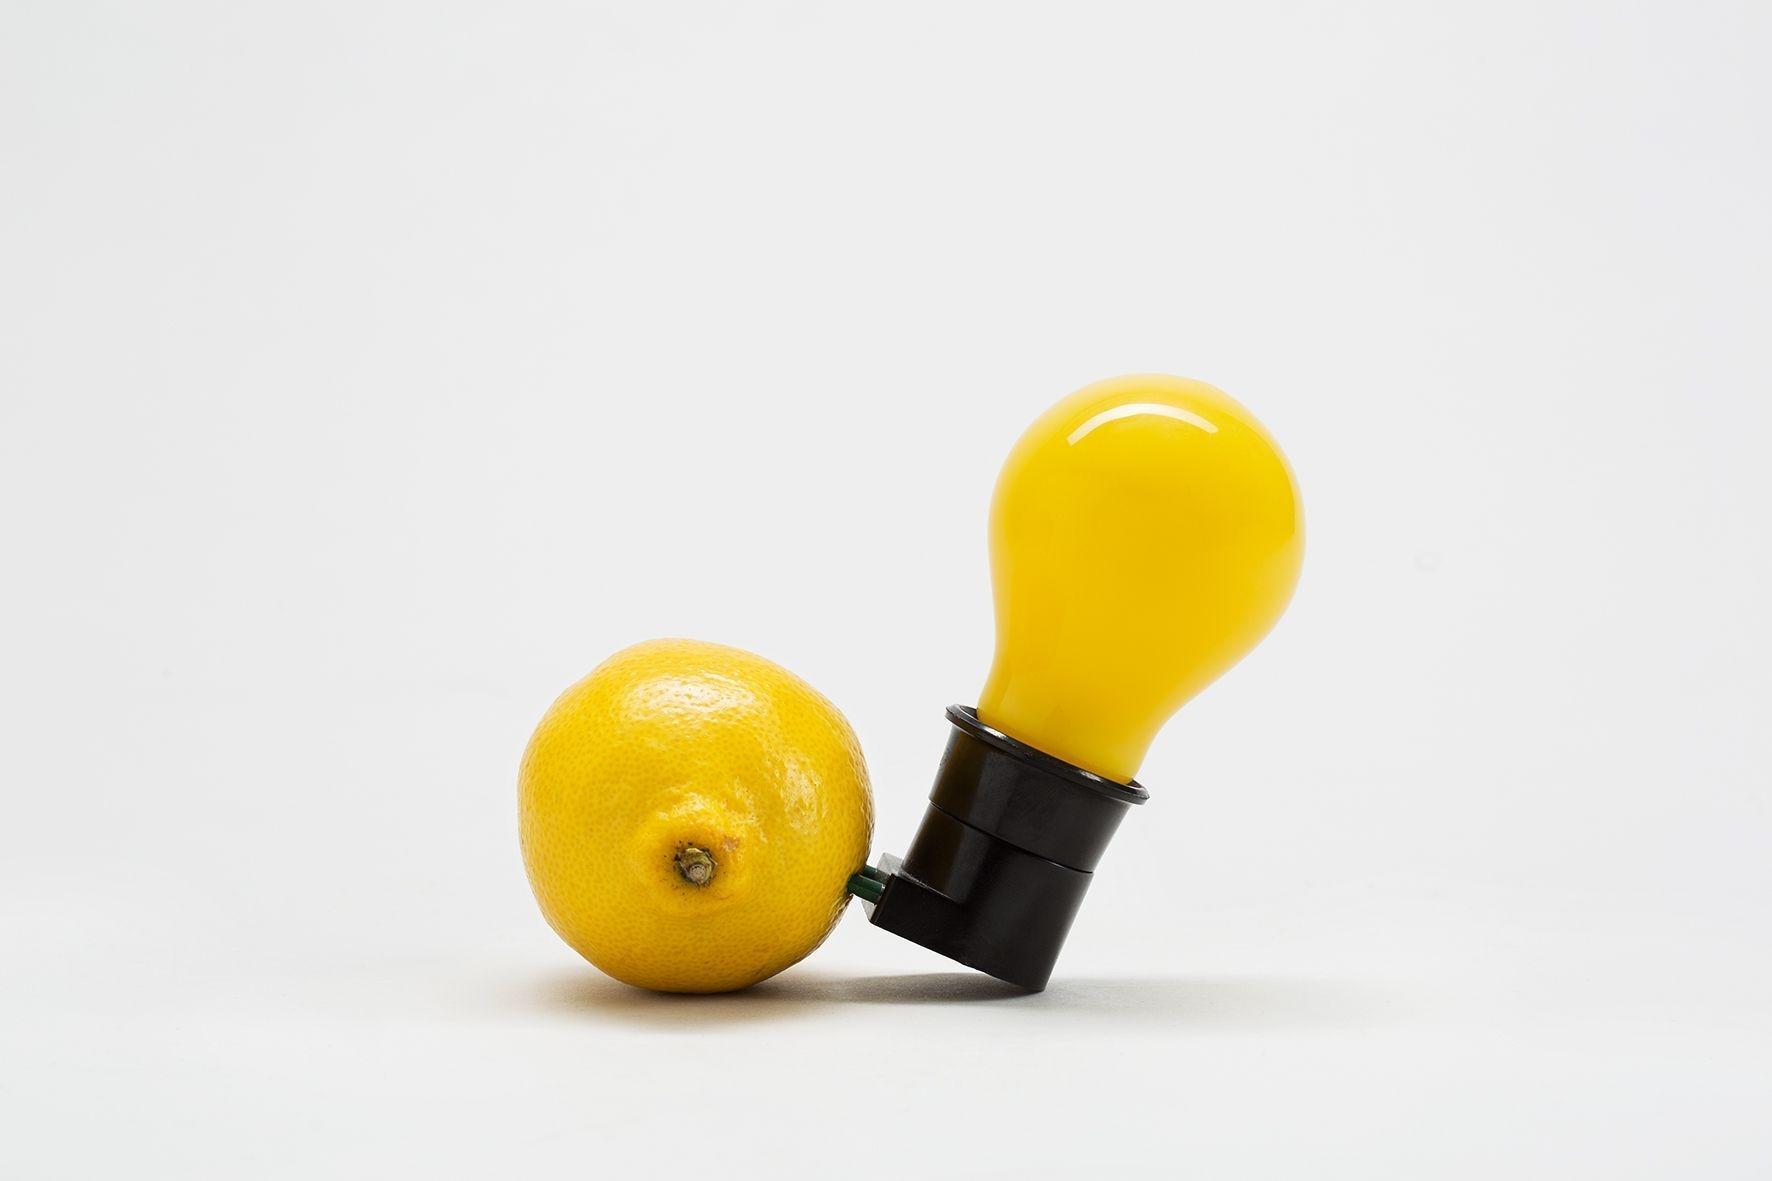 Gelbe Glühlampe in schwarzer Fassung deren Metallstifte in einer Zitrone stecken